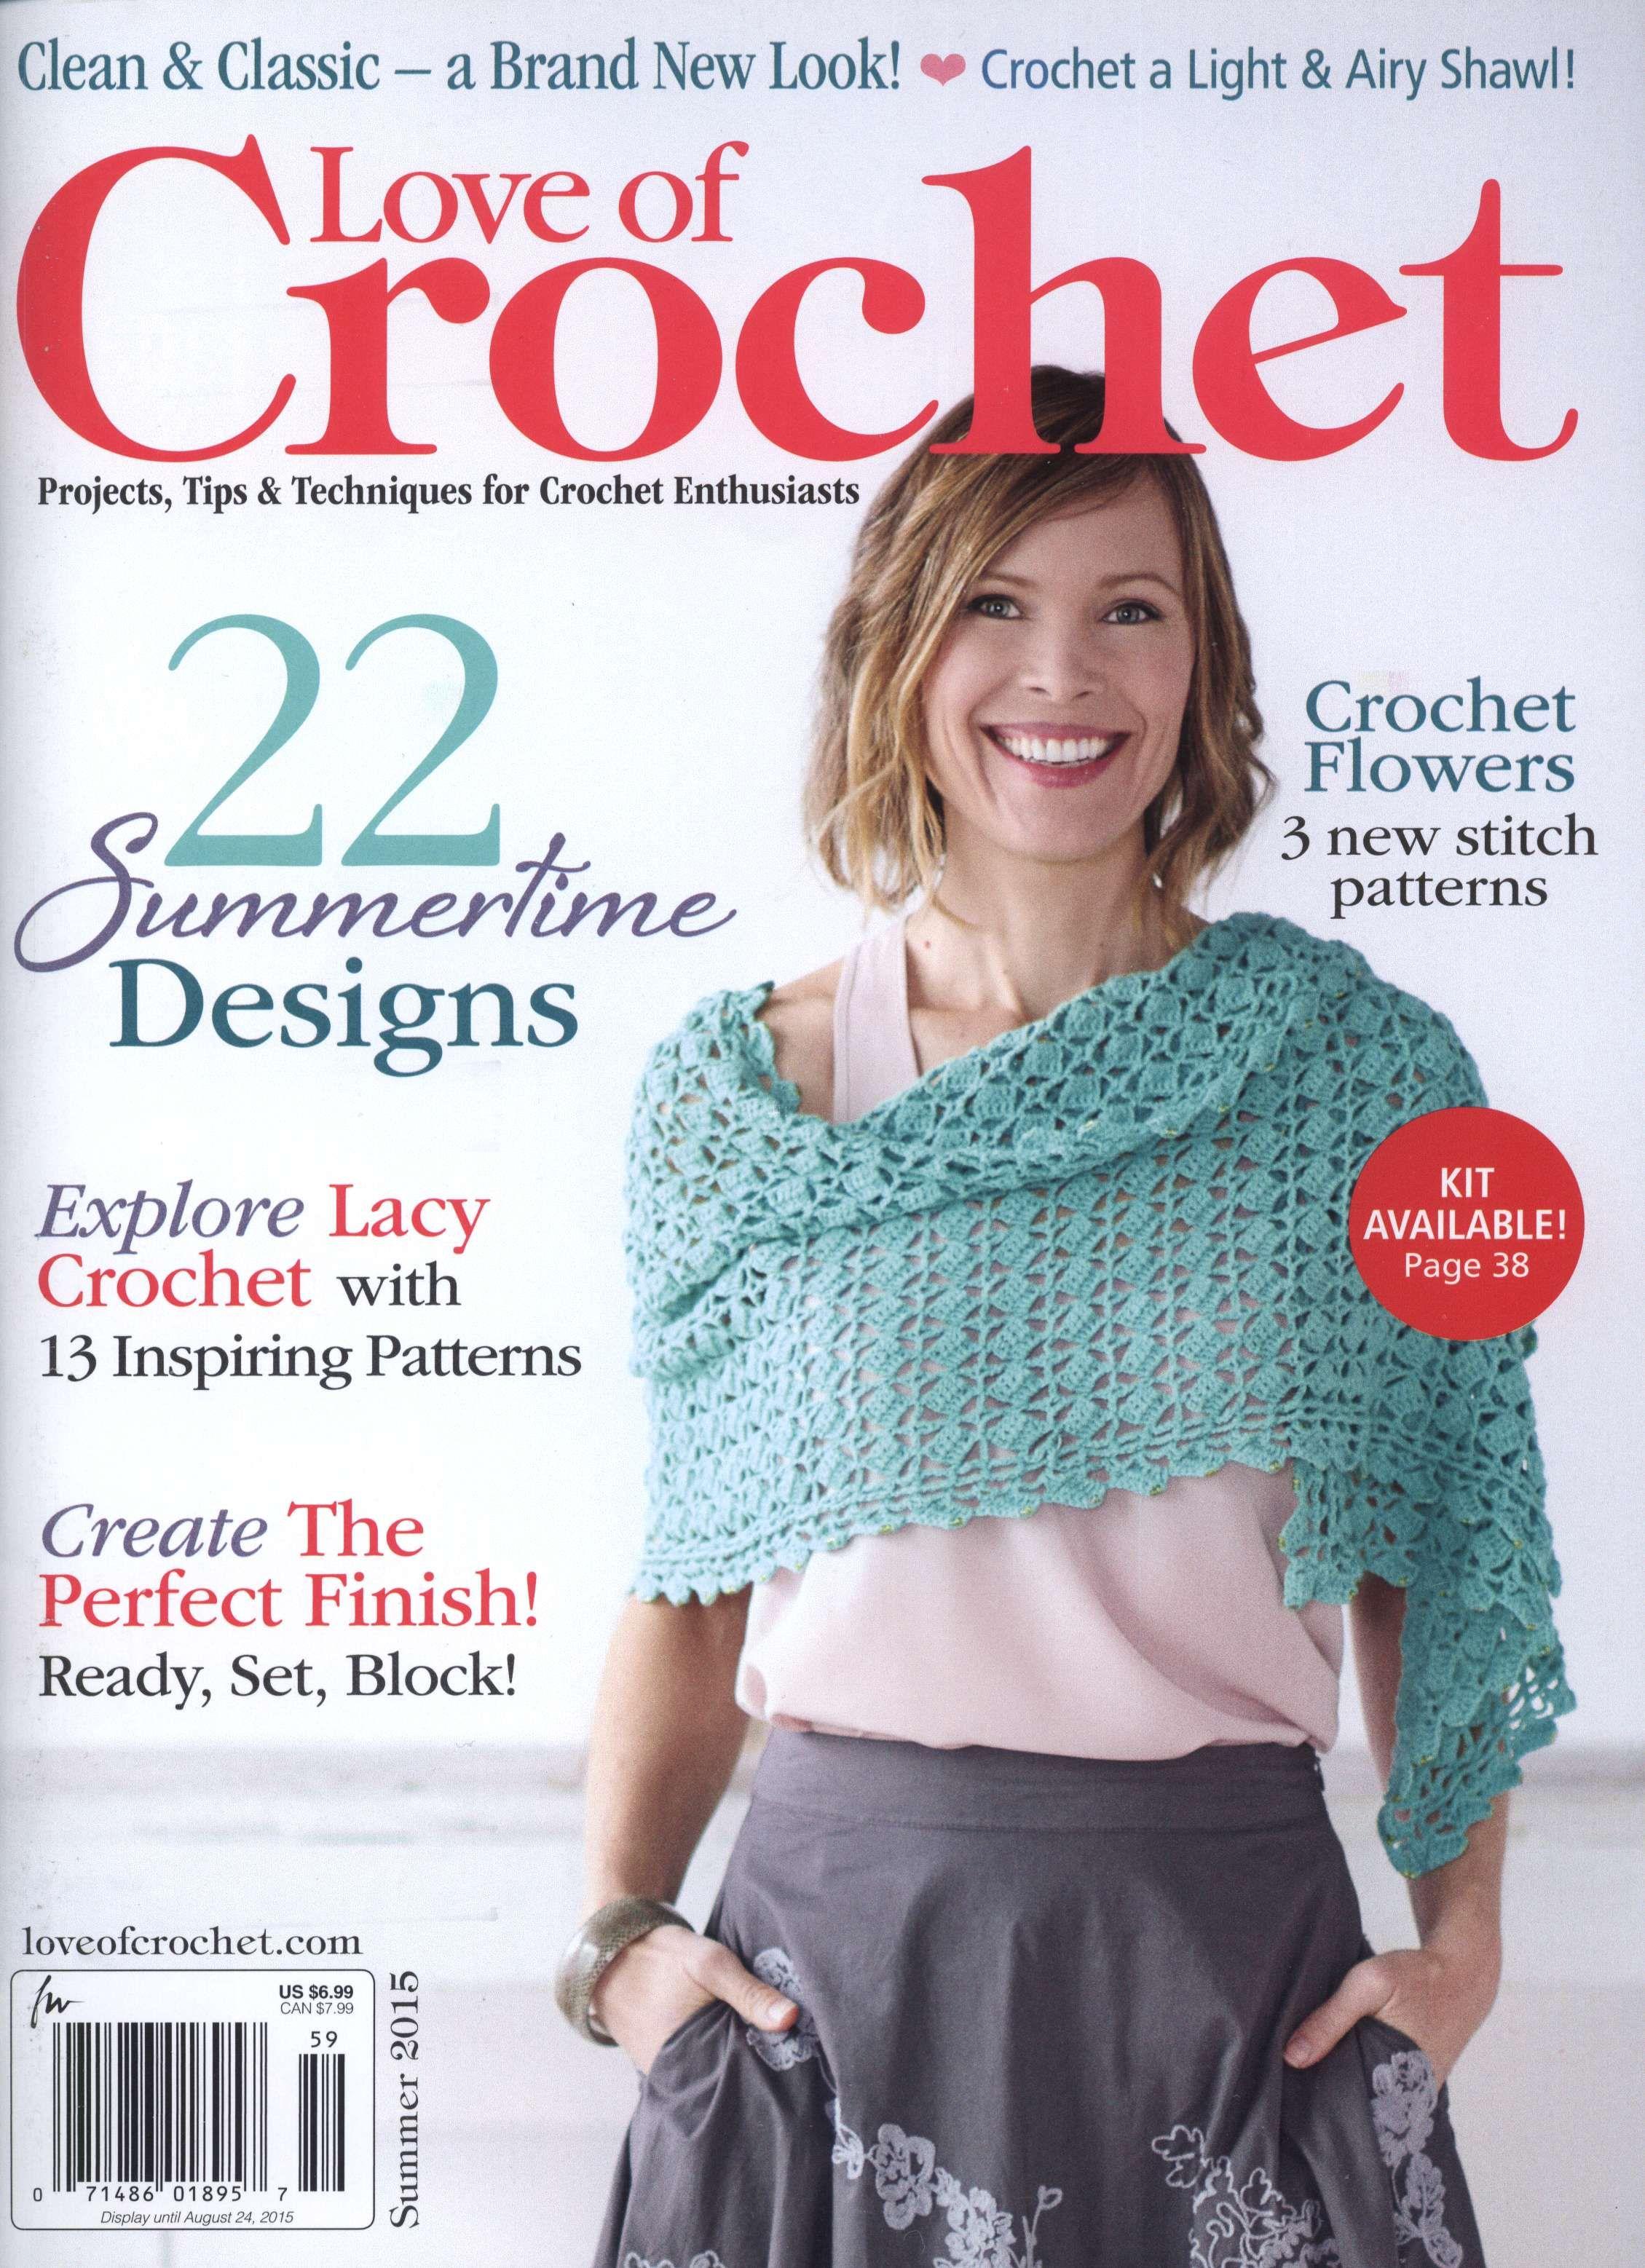 Love of Crochet August 2015